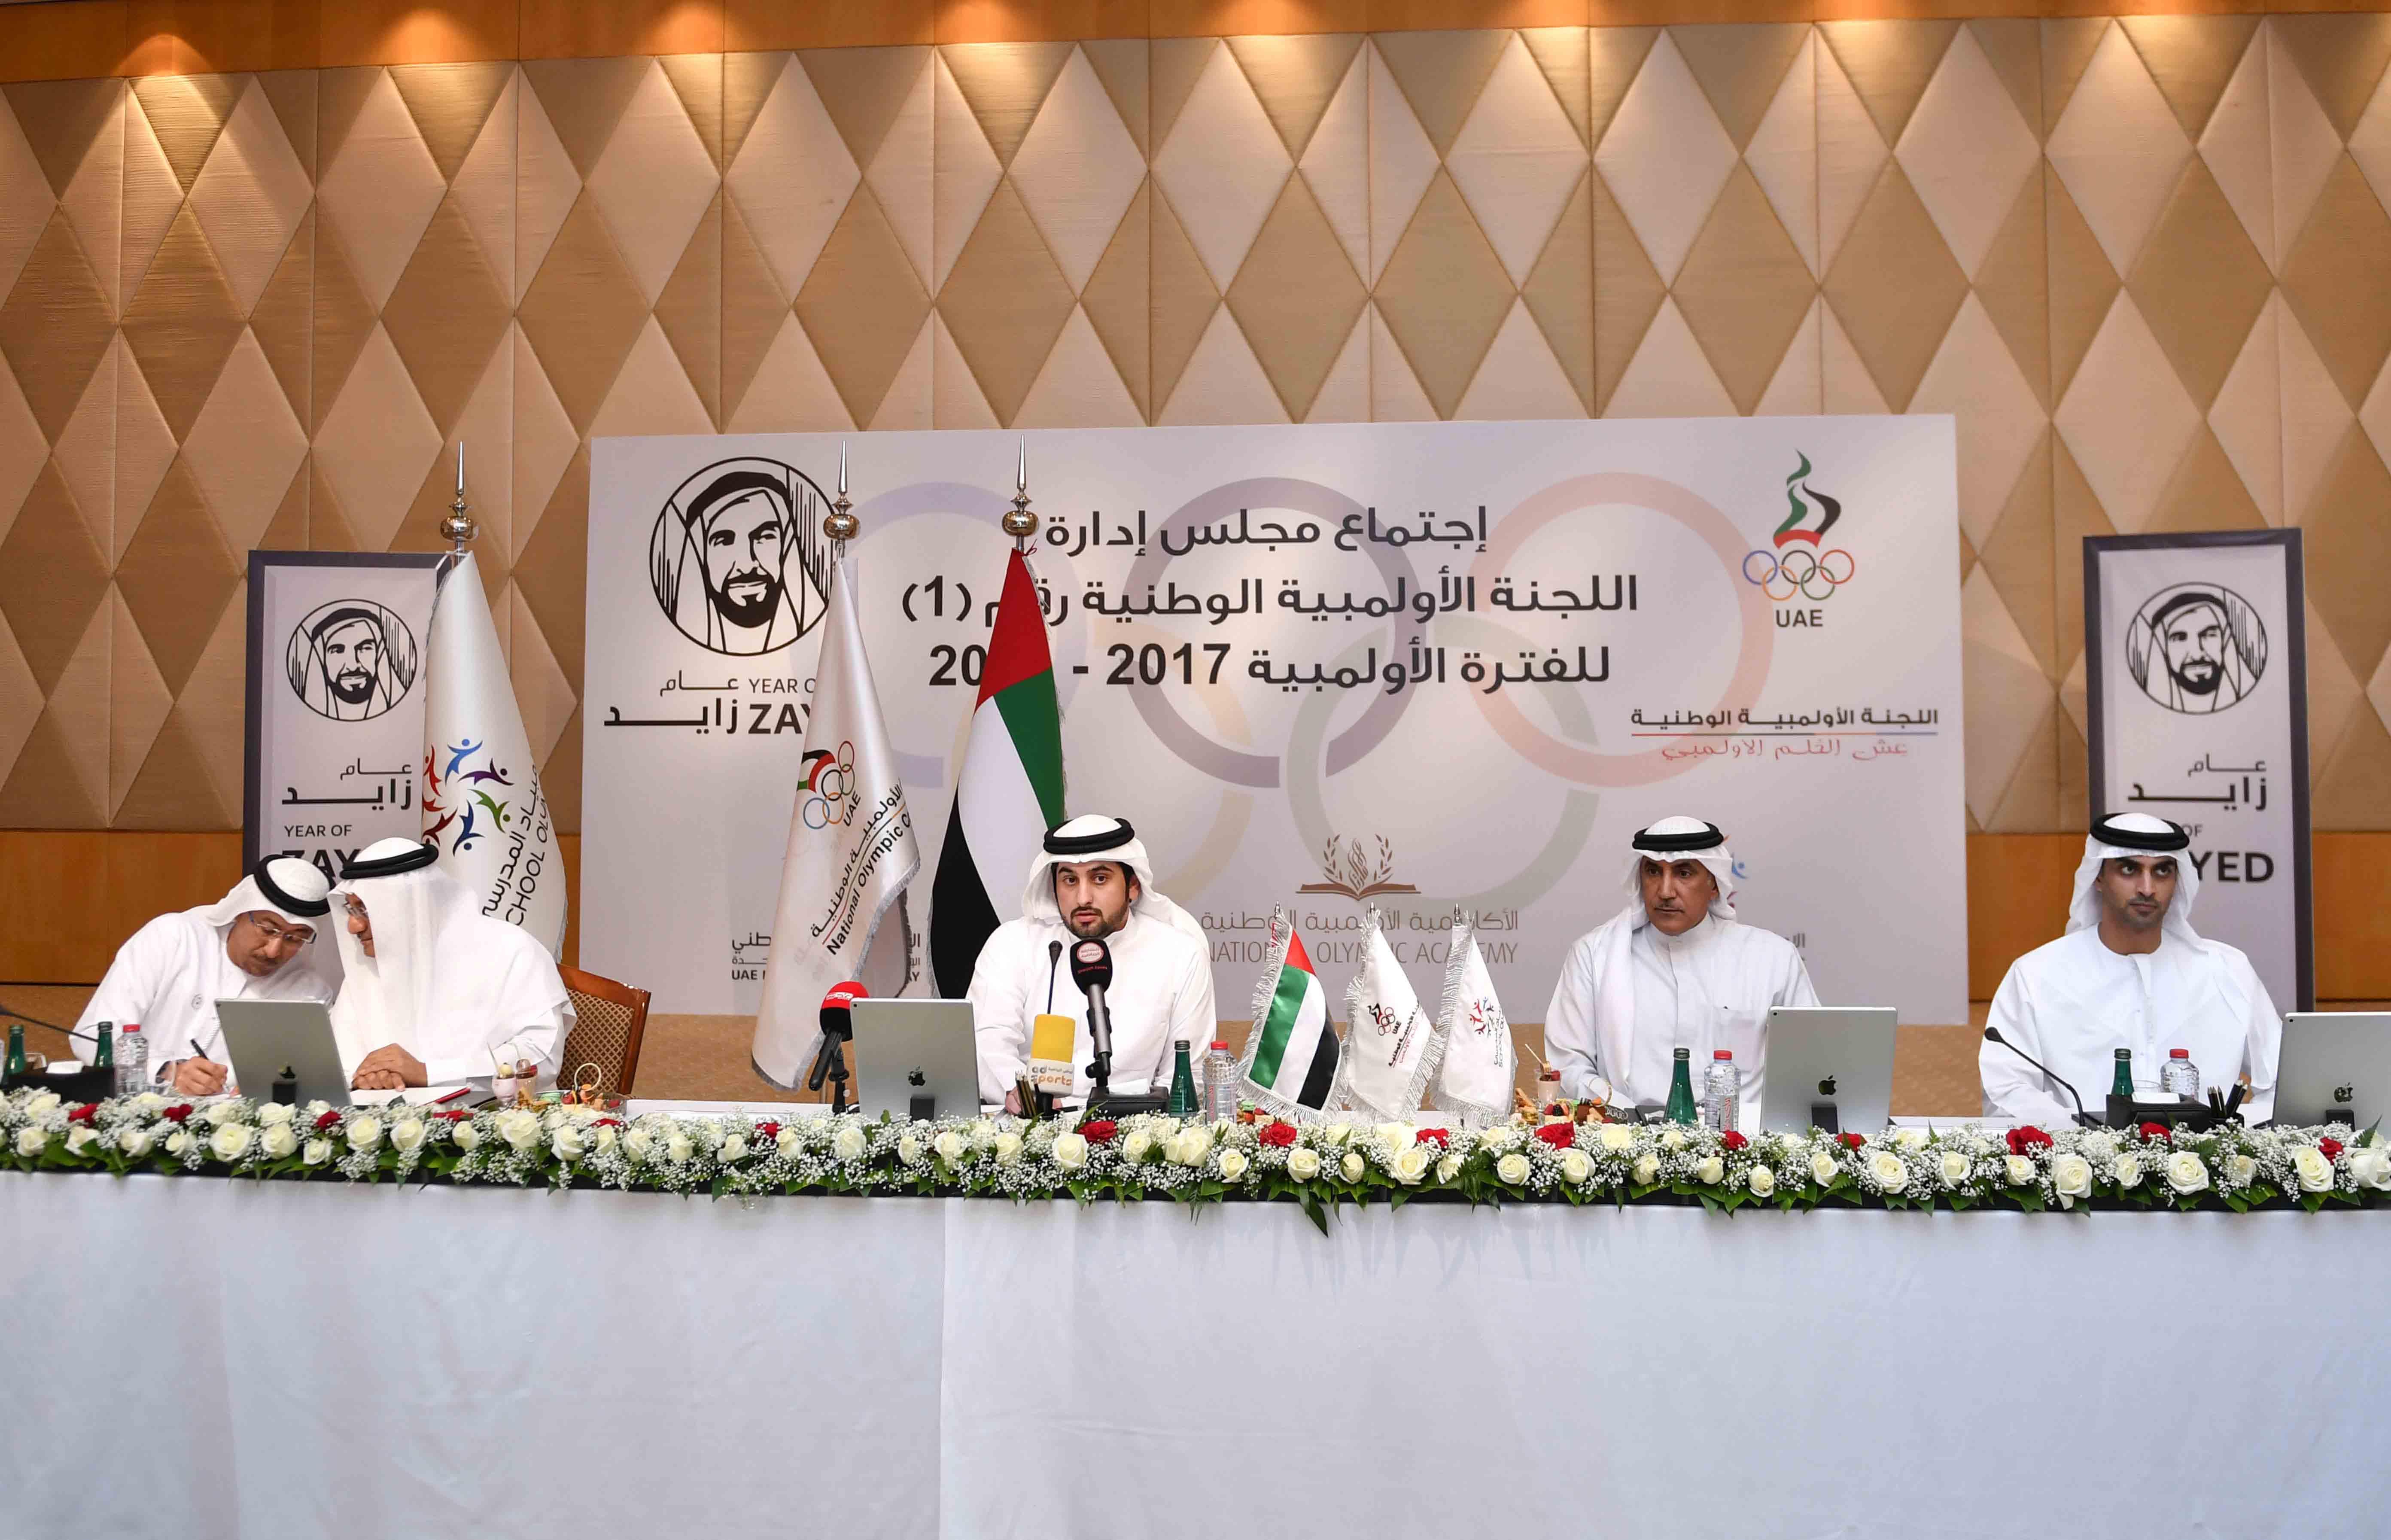 أحمد بن محمد يترأس اجتماع اللجنة الأولمبية الوطنية 1